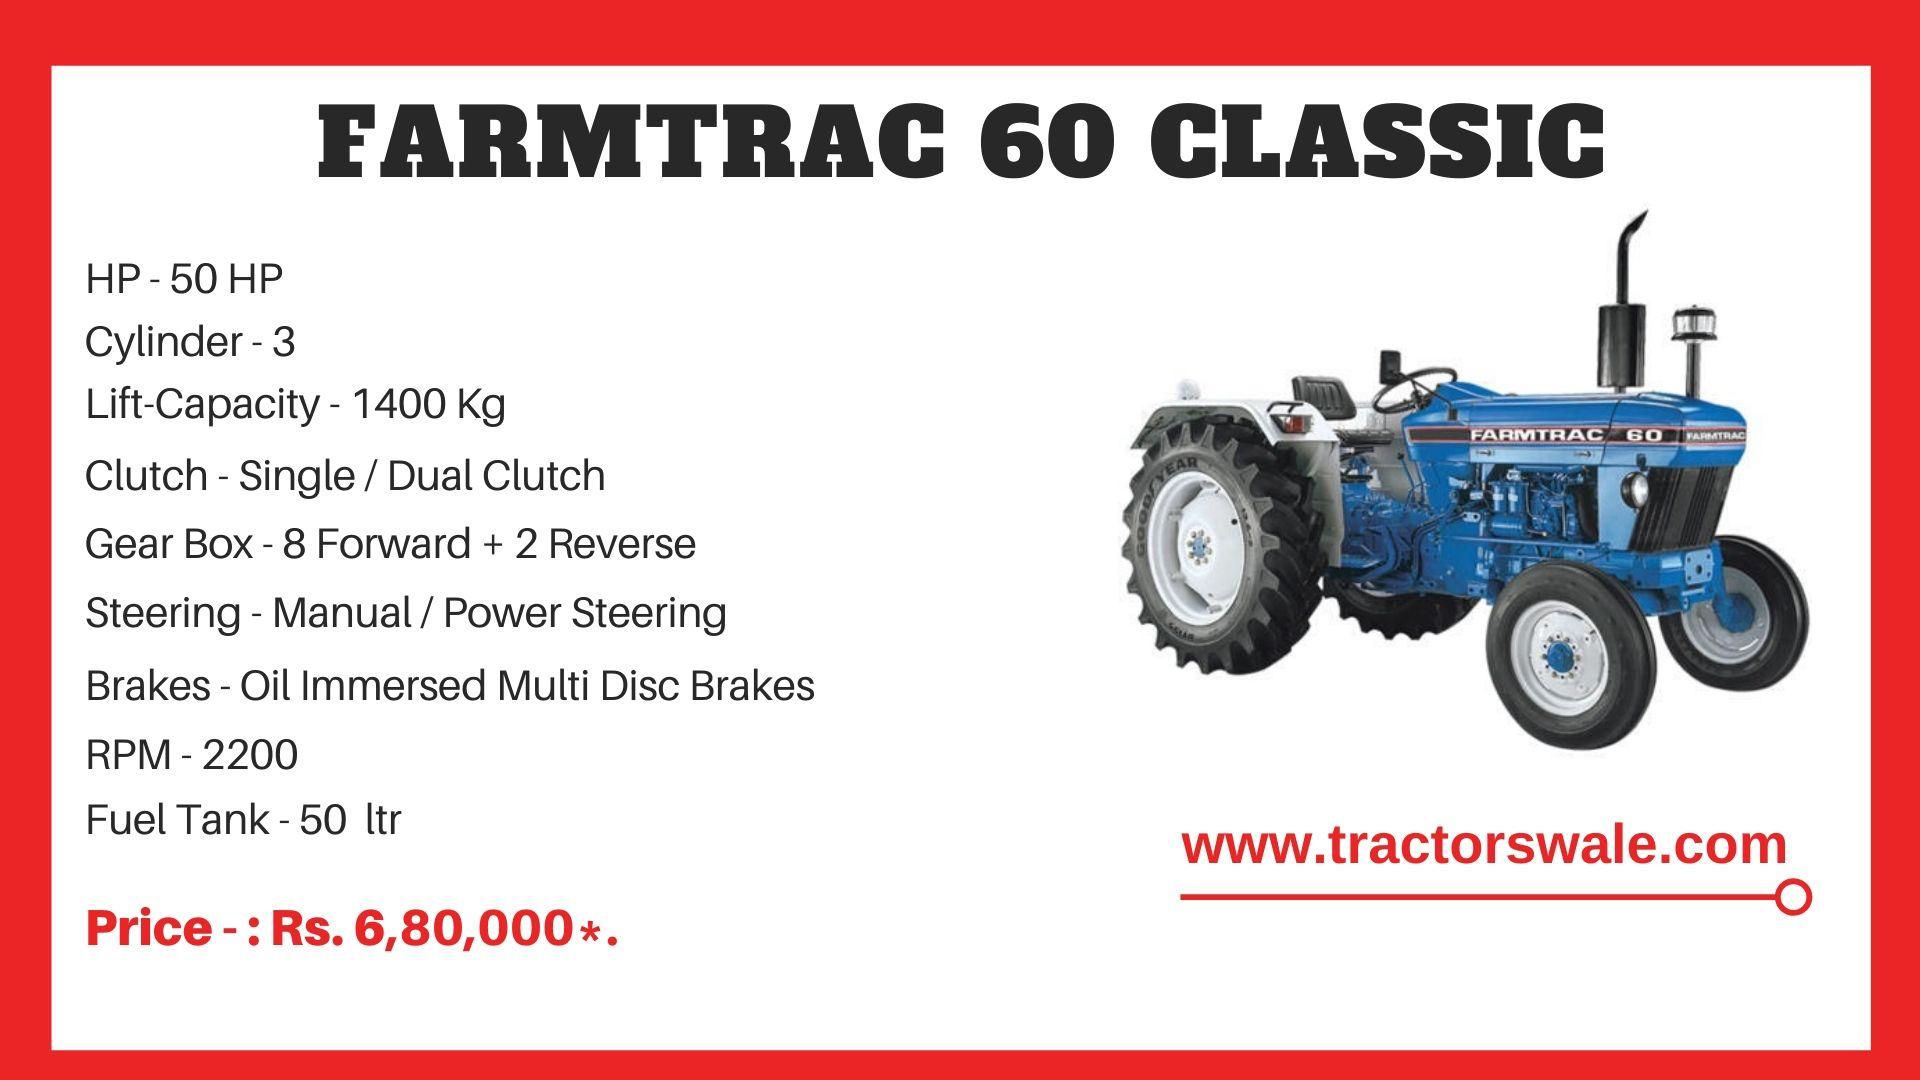 Farmtrac 60 Classic tractor price